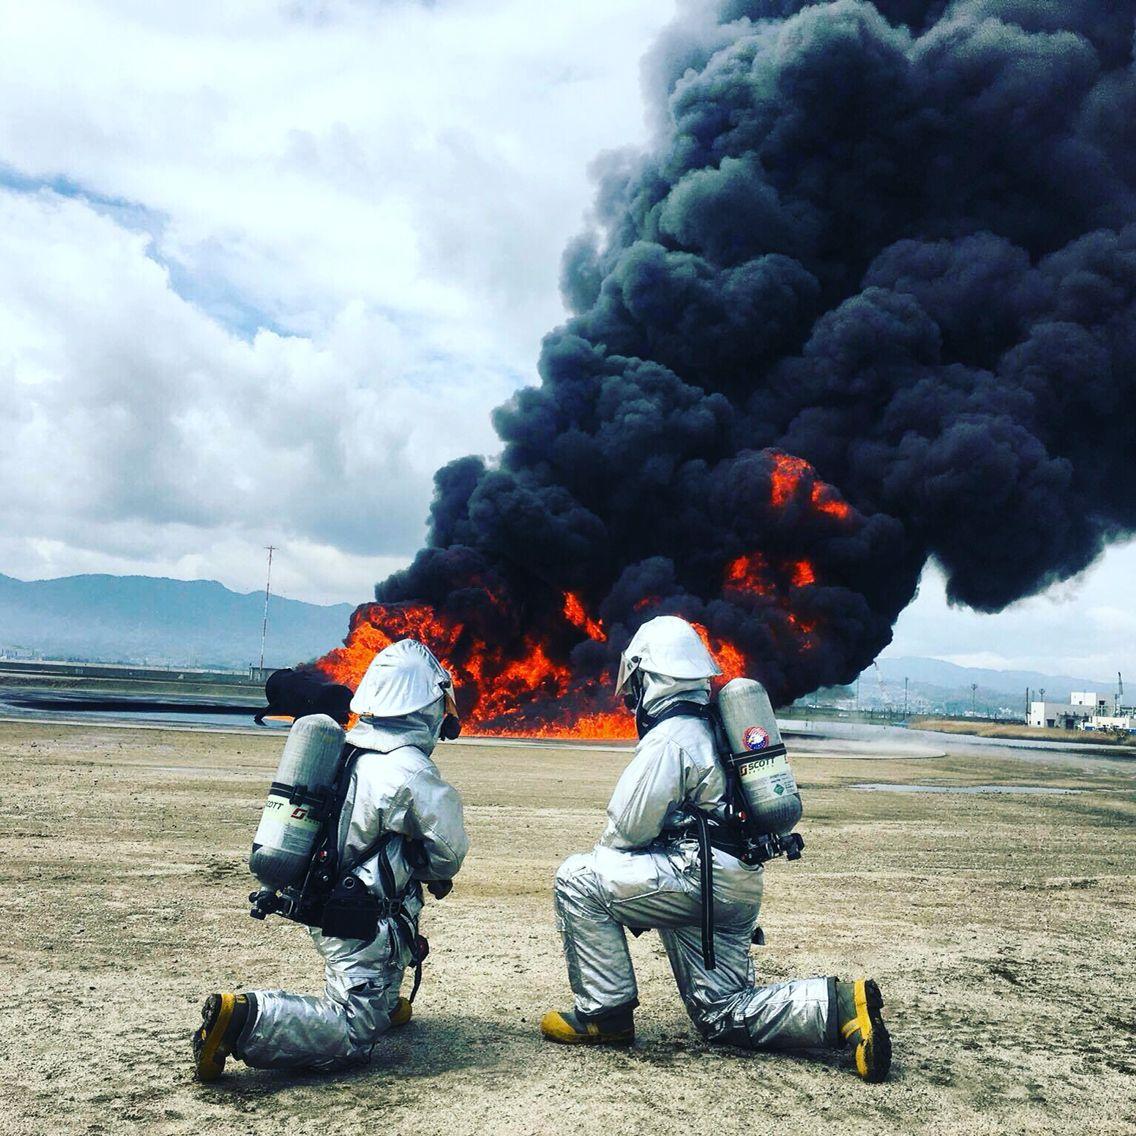 badass #firestarters #pit #ARFF #training #fires #fire #firefighter ...